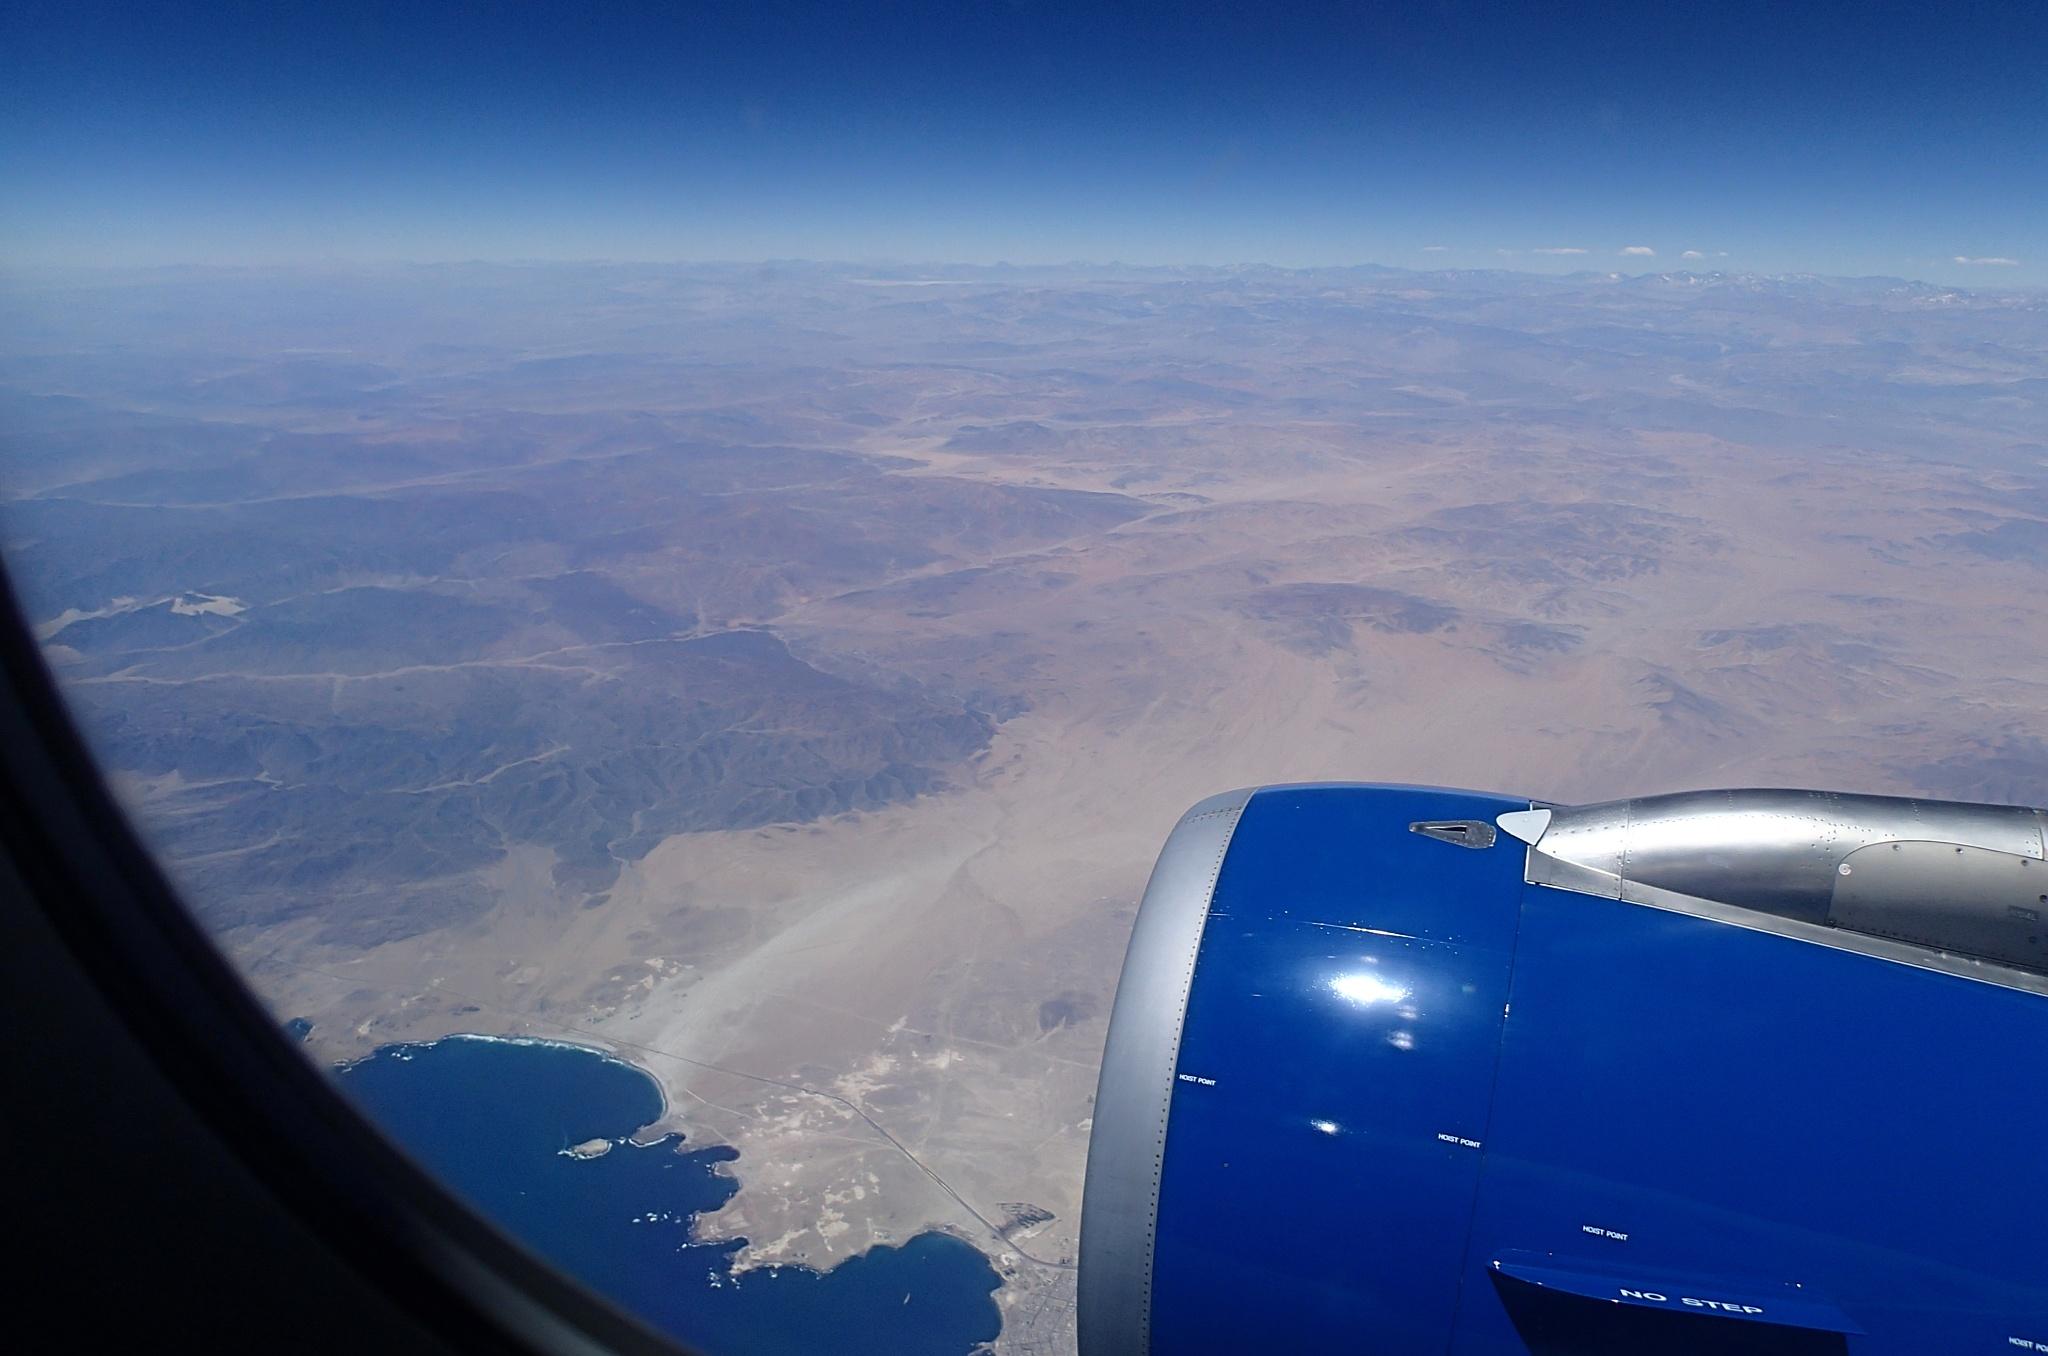 Letíme na sever do Ariky, dole nějaká poušť